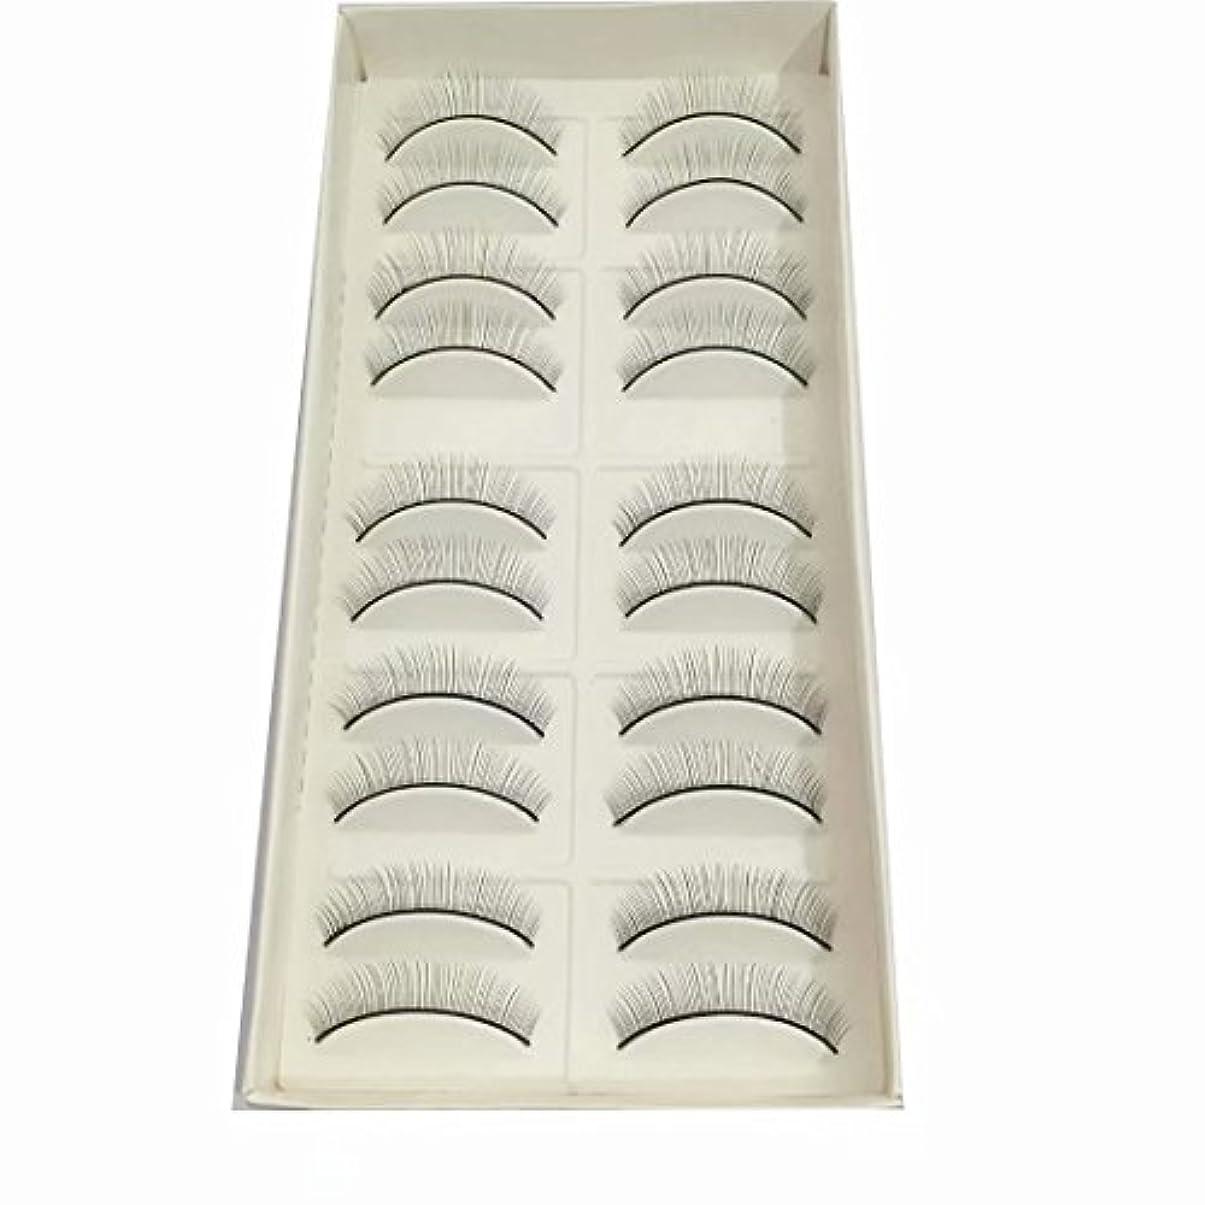 コーヒー変形組み立てる練習用つけまつげ トレーニング用睫毛 真ん中から両端に段々短くなる(真ん中だけ8mm) 10ペア入り